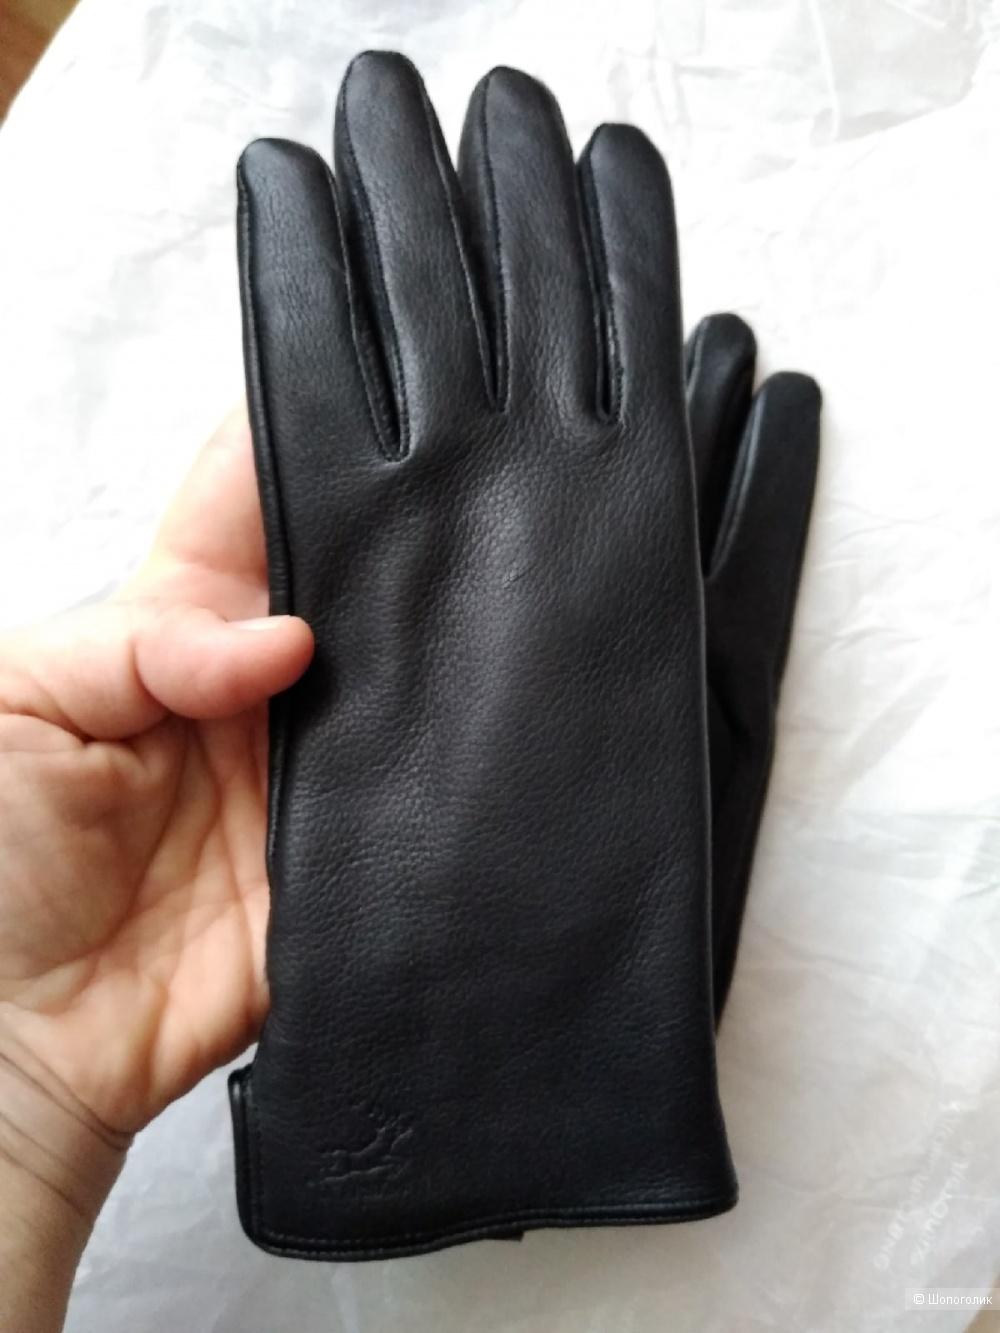 Перчатки из оленьей кожи HARMON MODA. Размер 6 1/2.